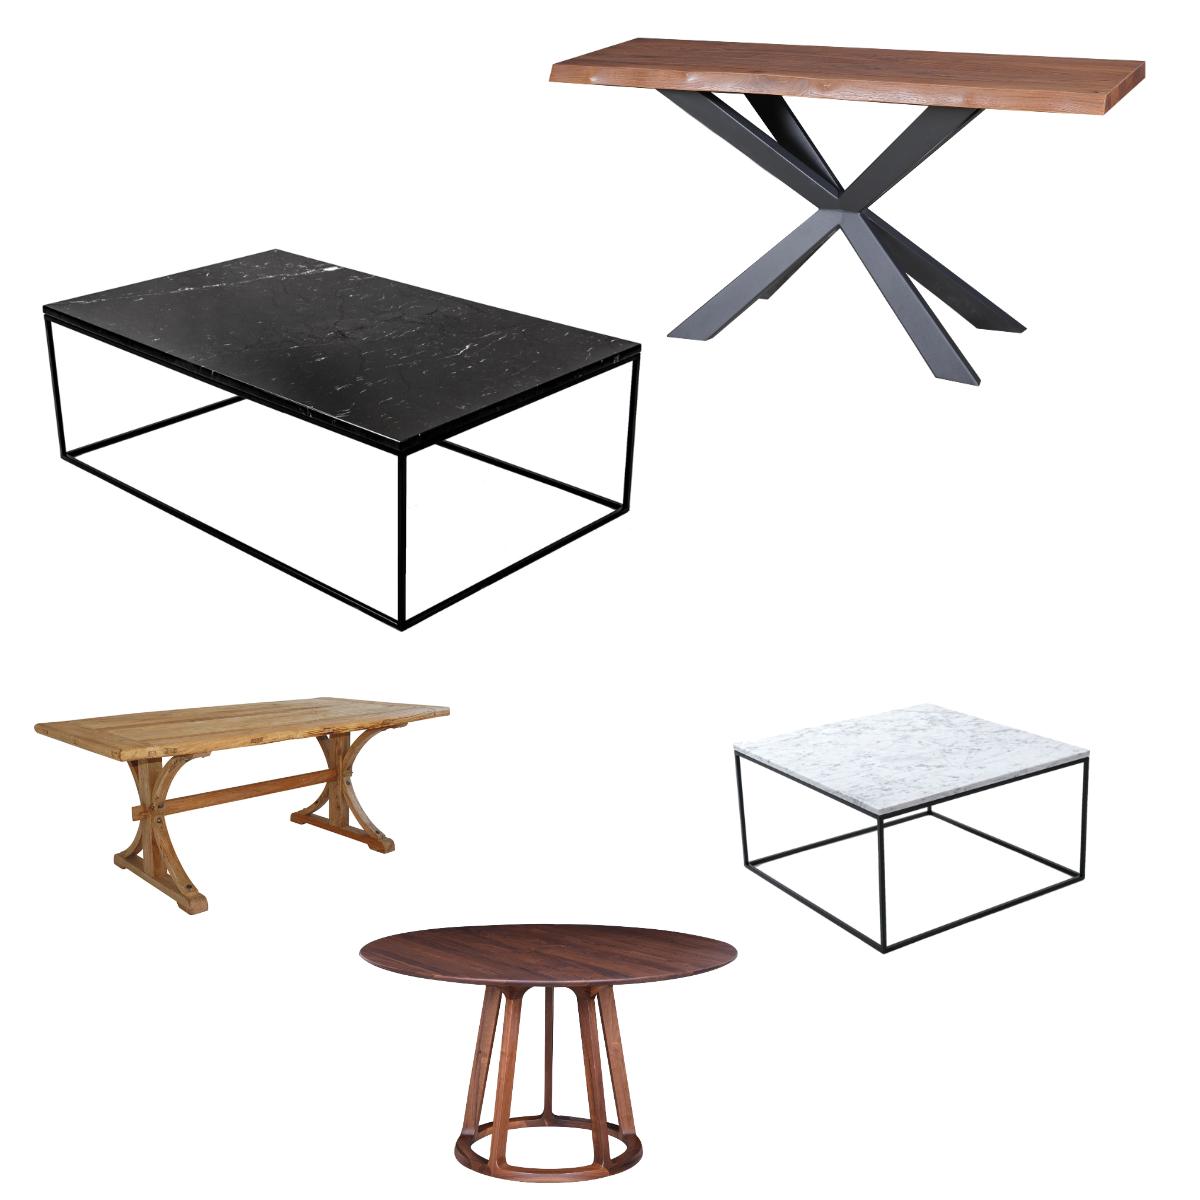 Billiga köksbord Köp ett köksbord billigt och med fri